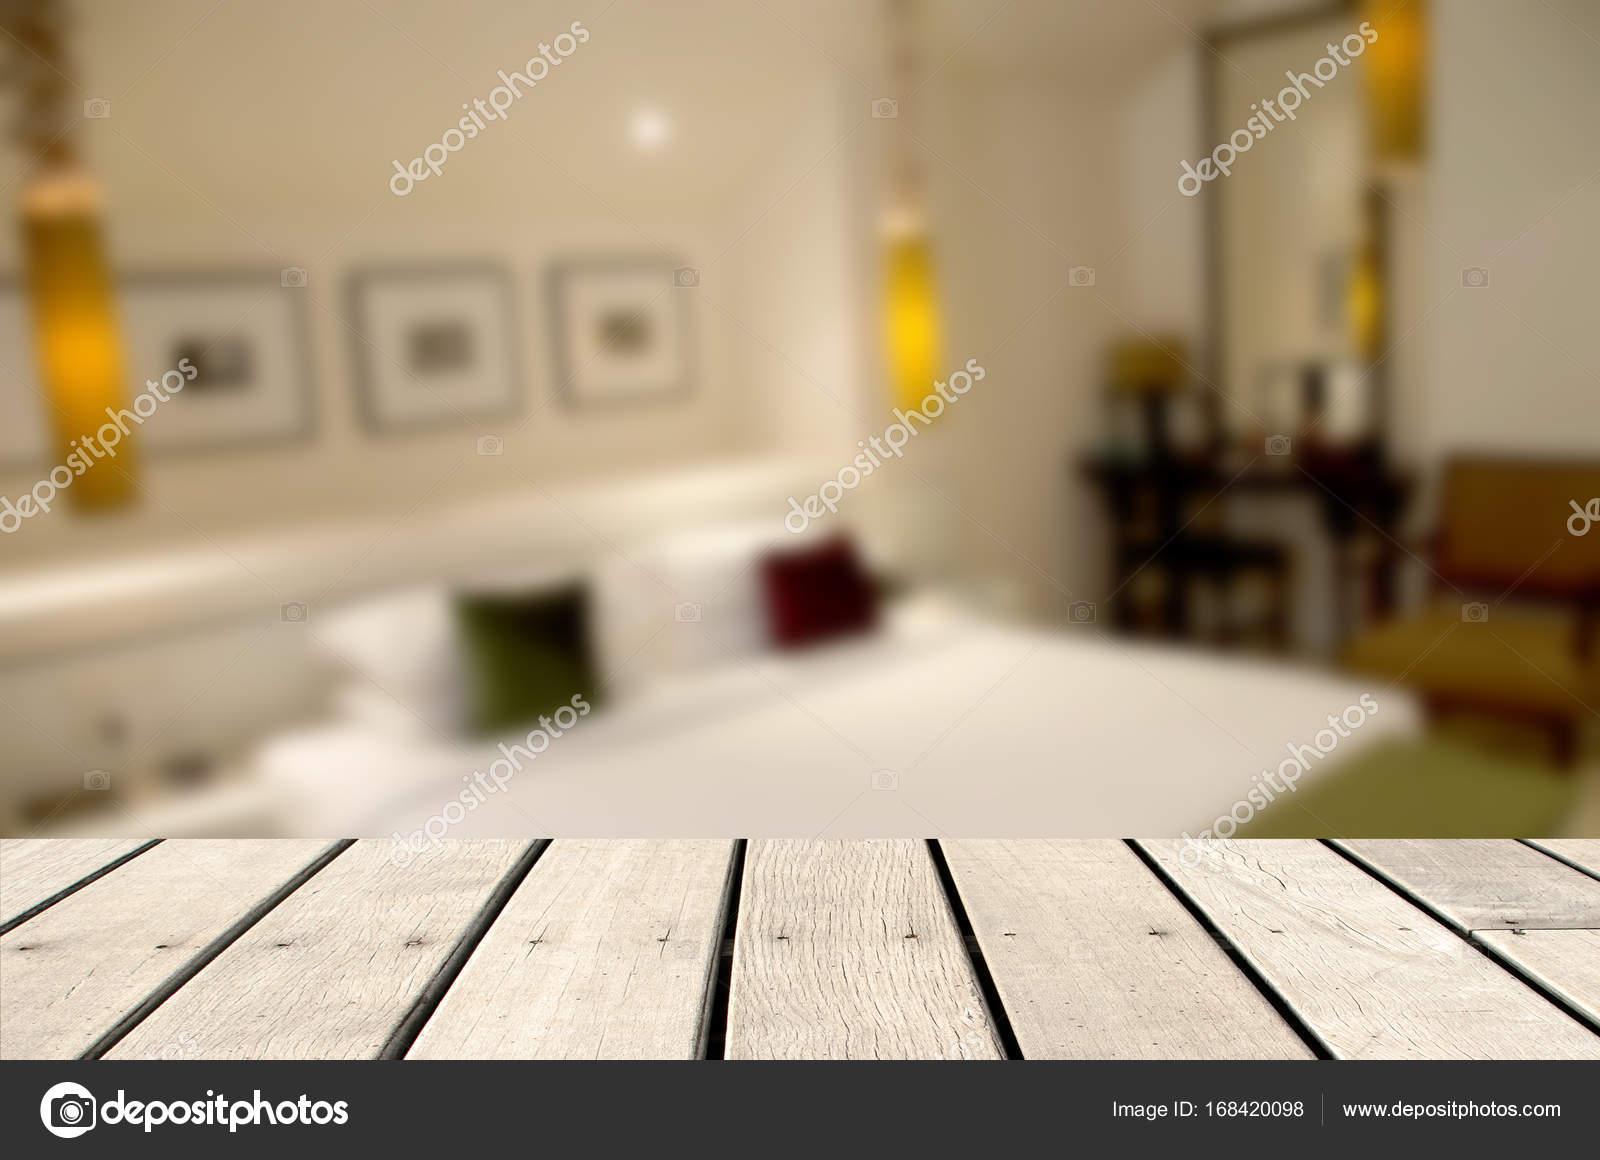 sfocatura bella camera da letto — Foto Stock © aoo8449 #168420098